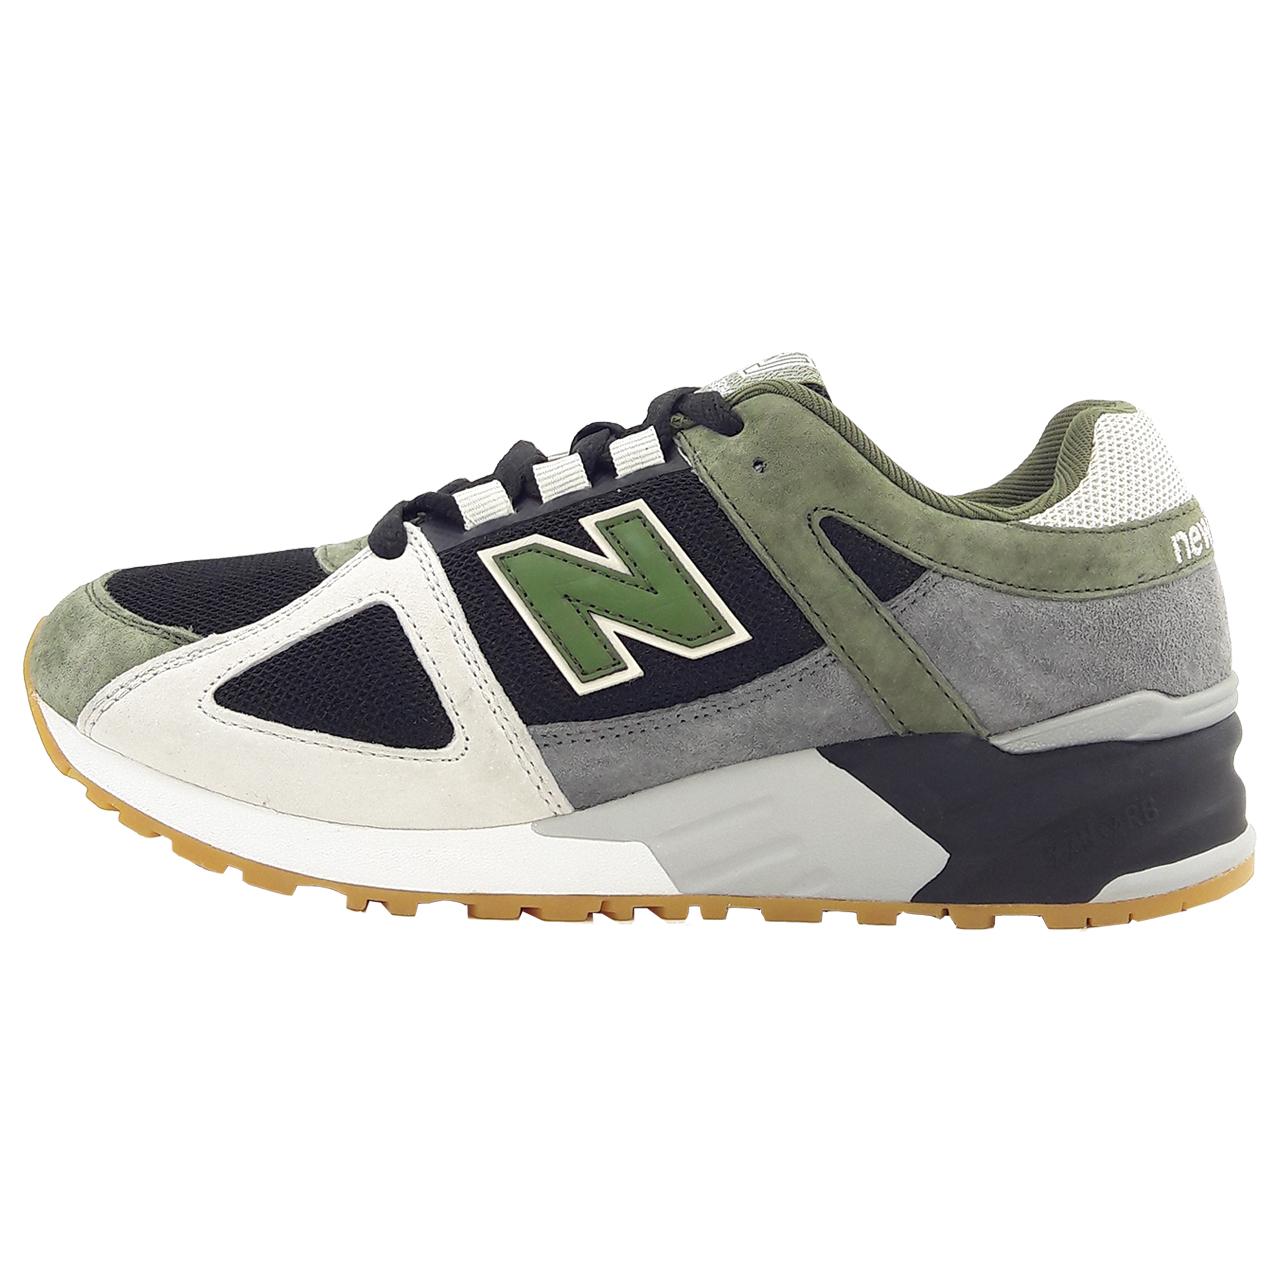 قیمت کفش راحتی مردانه نیوبای لنرا مدل Army gr01